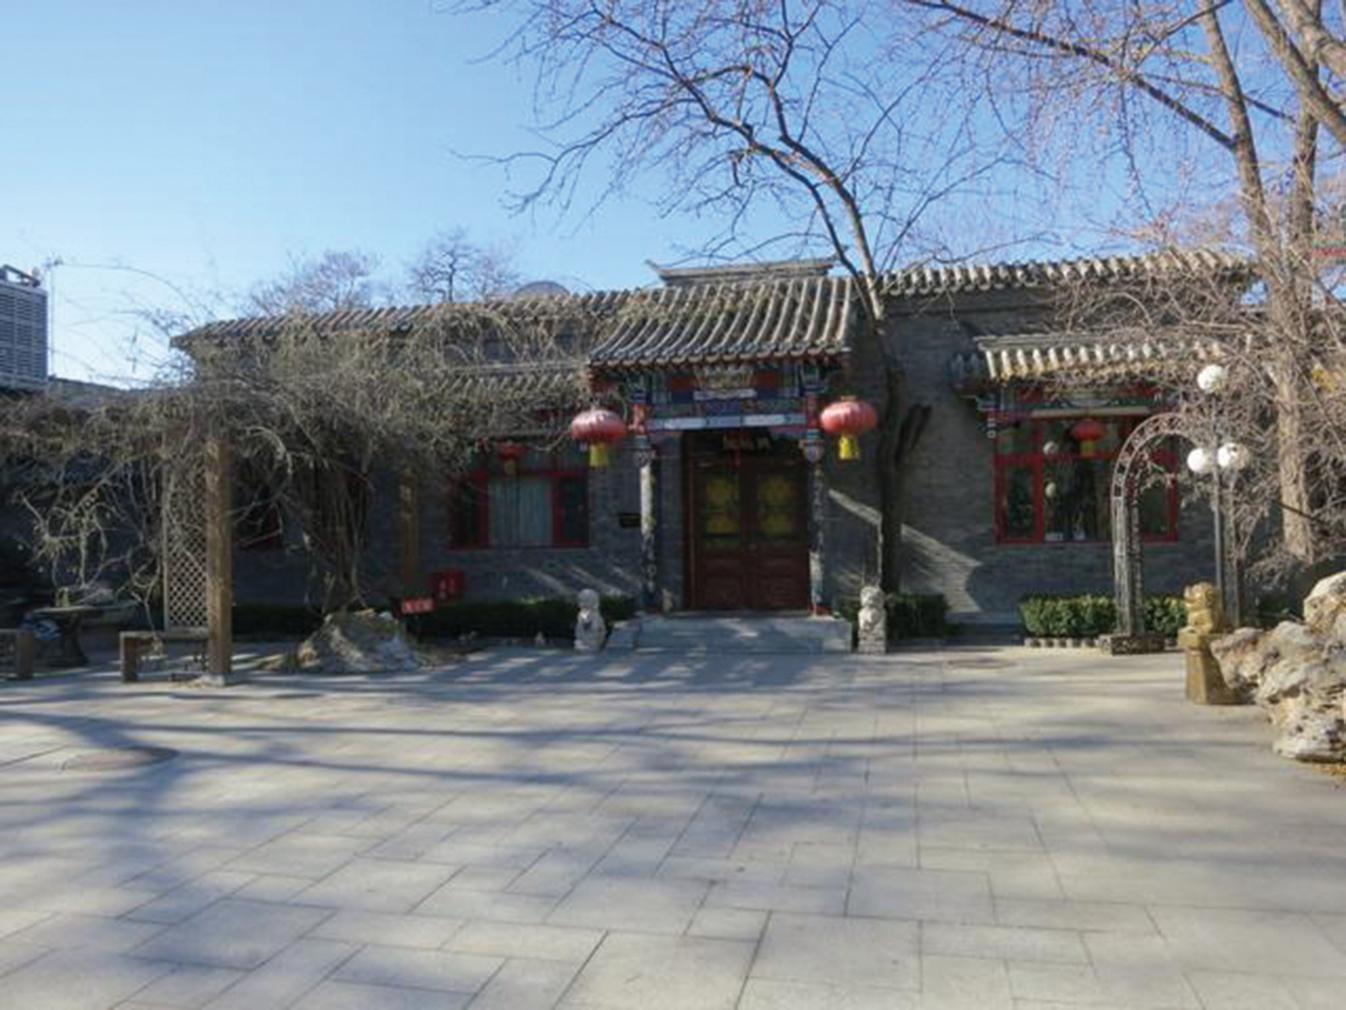 康生住過的竹園四合院,共有115間房子,面積達2萬多平方米。(網絡圖片)